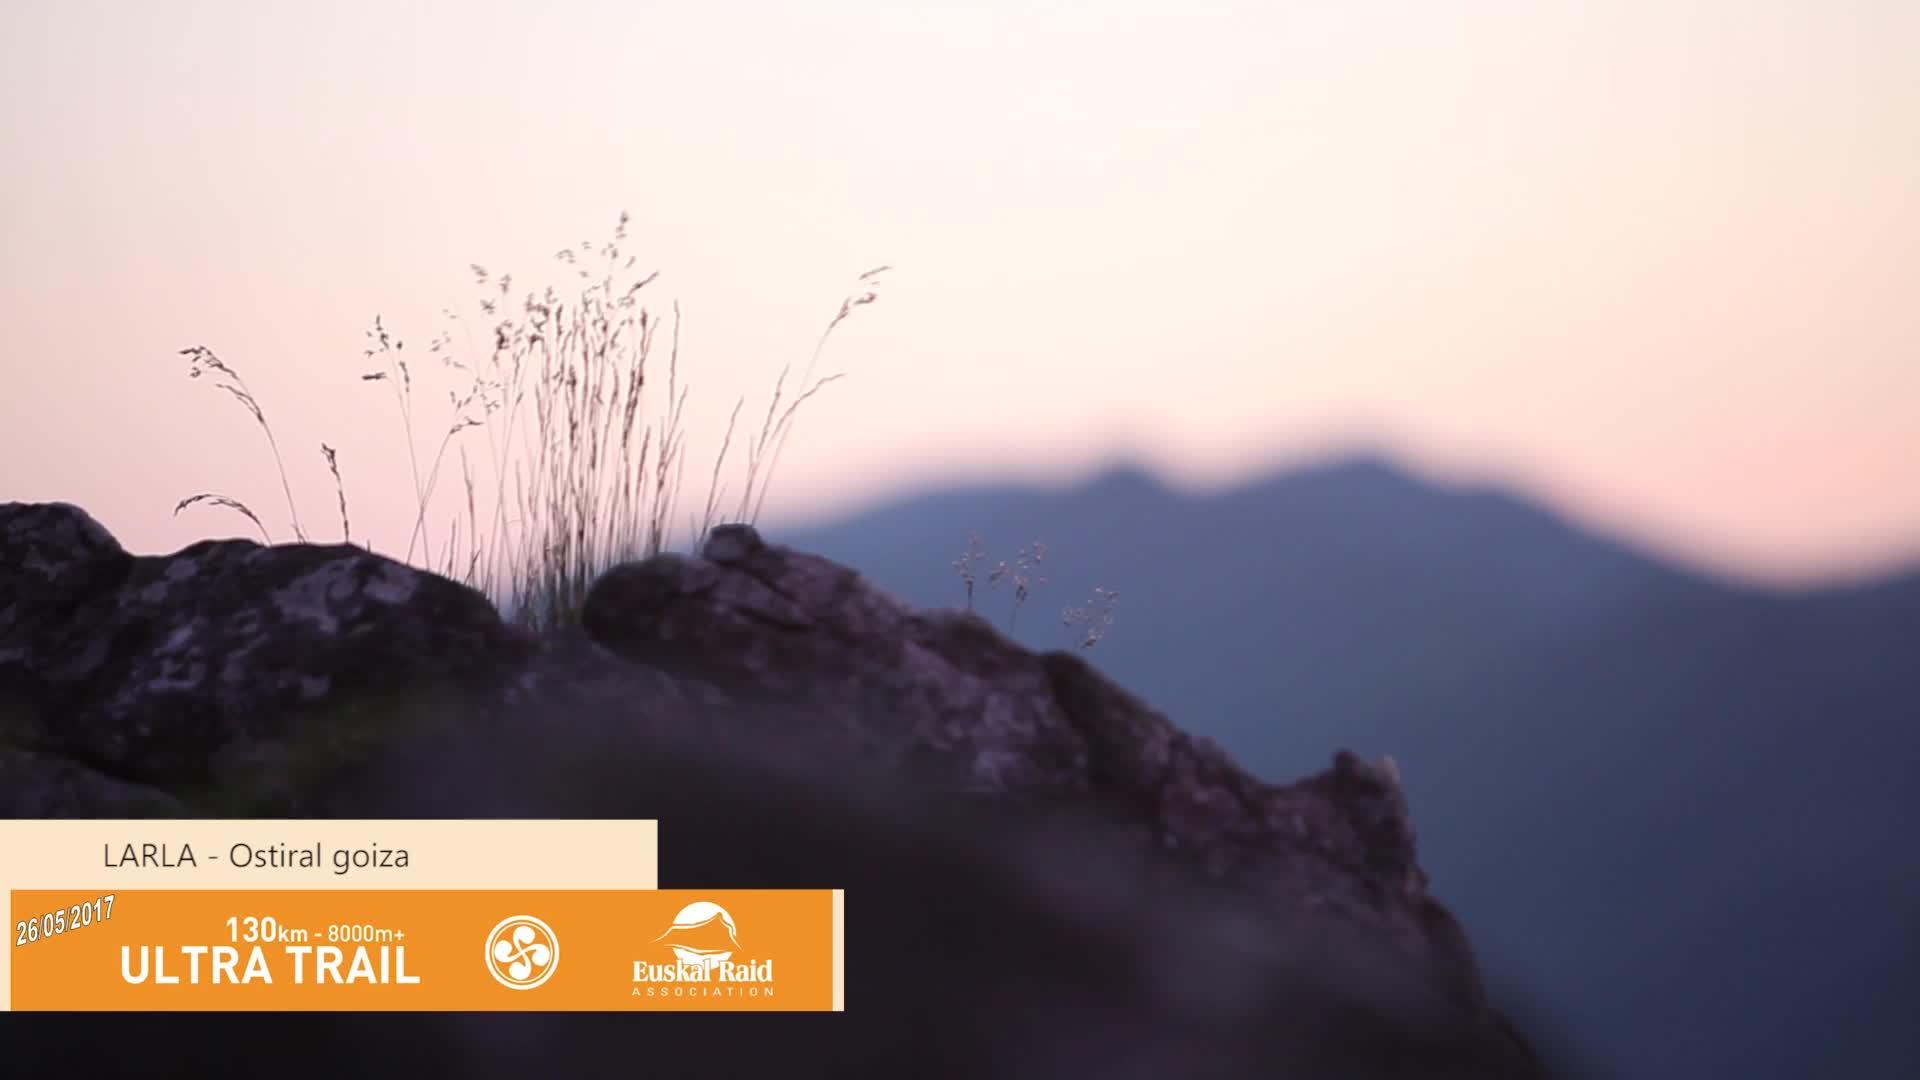 Euskal Trail 2017: Ultra Trail Larla inguruan